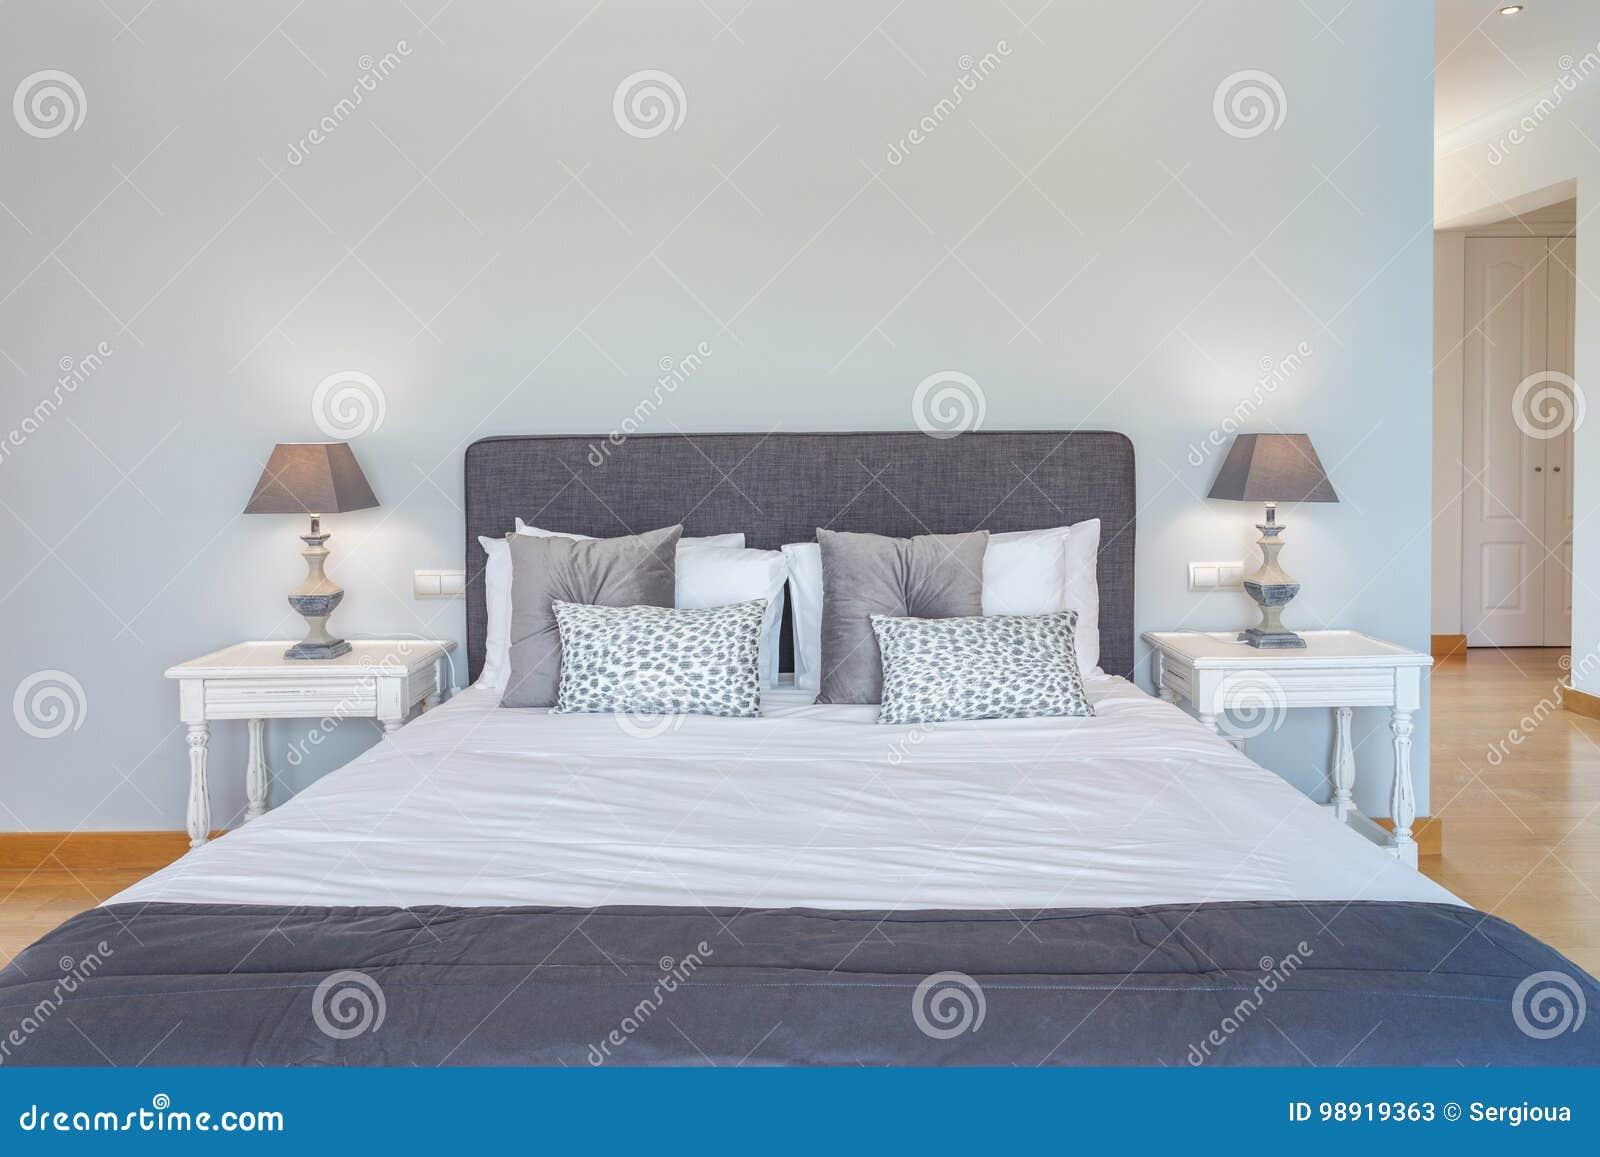 Excellent download letto nella camera da letto con la - Decorazioni camera da letto ...